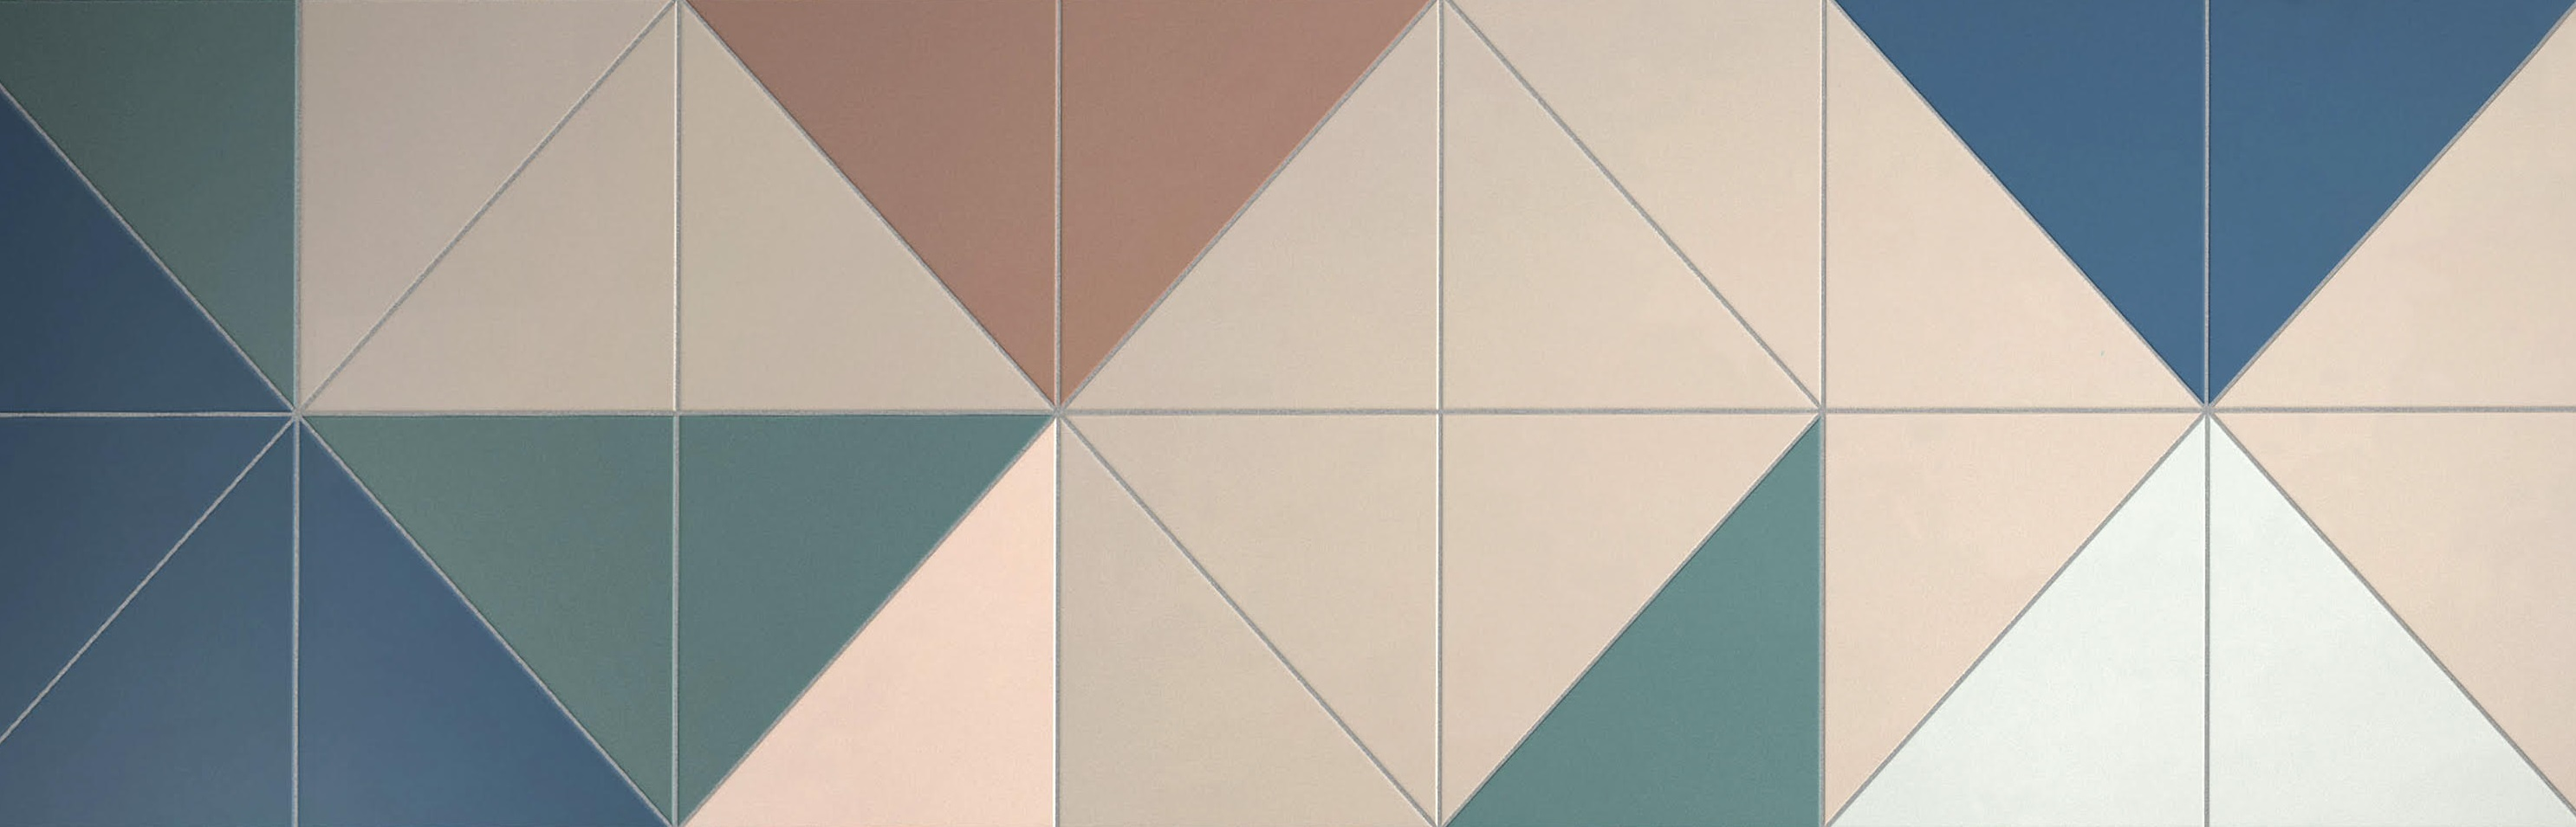 Colore Fughe Piastrelle Beige pittorica - ceramica bardelli | ceramica bardelli